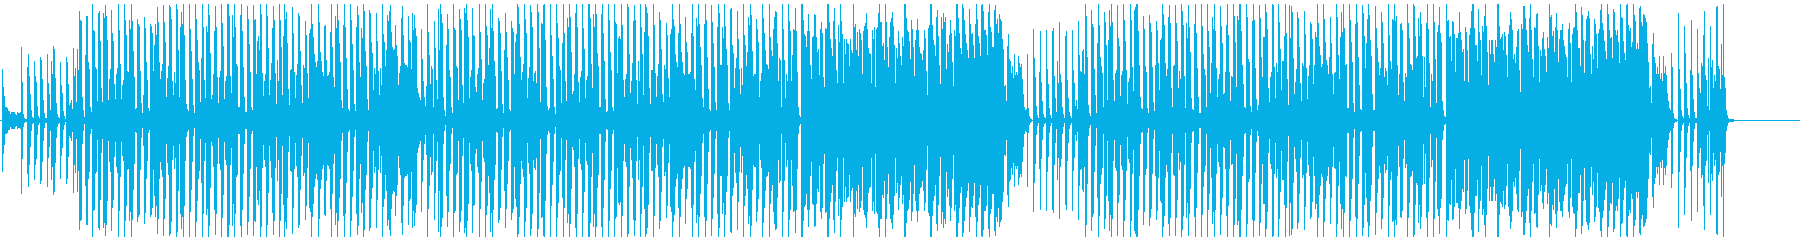 マーチング ピアノ トランペット 冒険の再生済みの波形